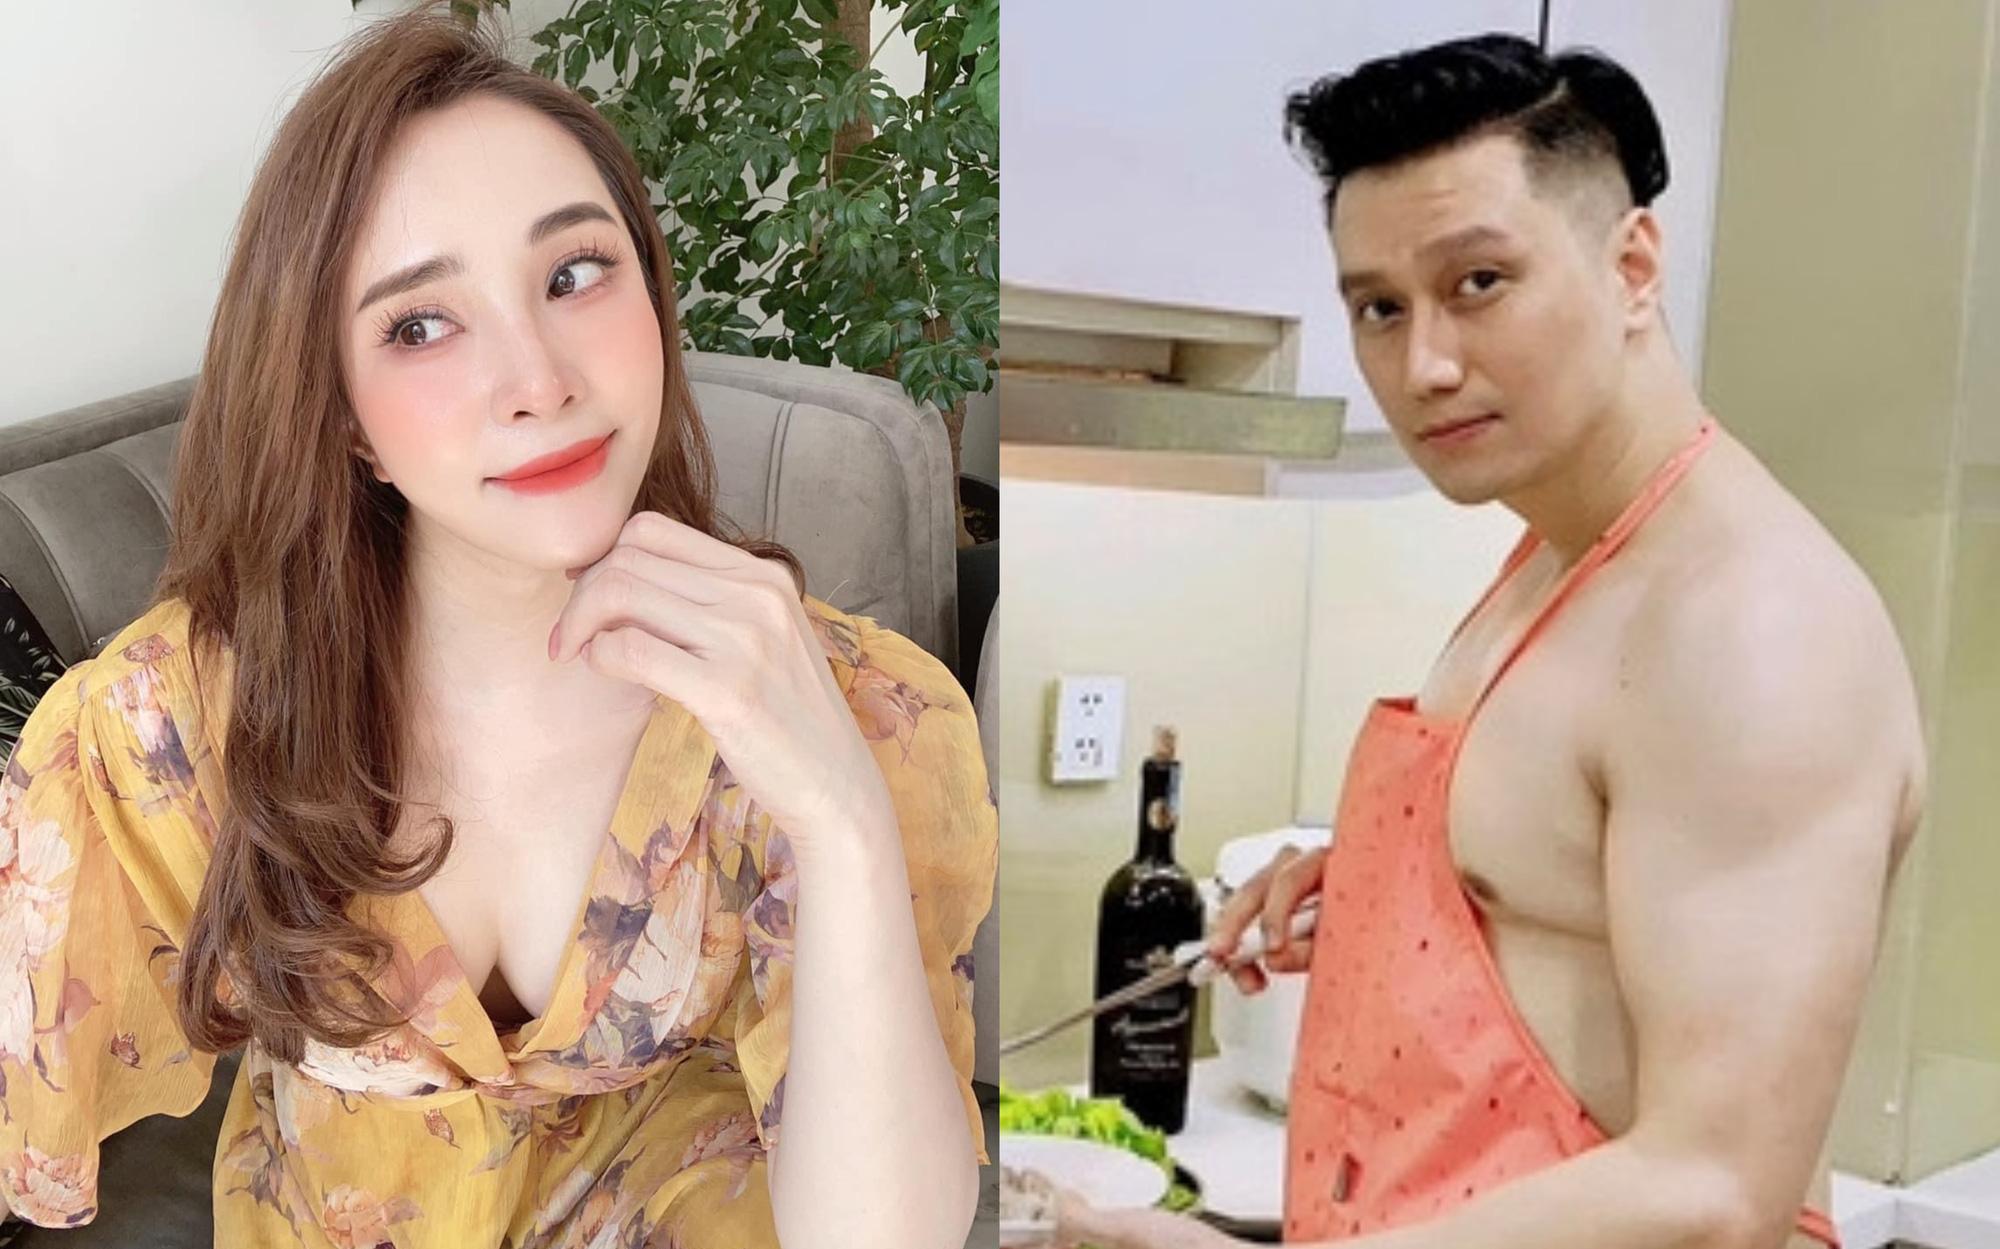 """Quỳnh Nga lộ khe ngực sexy, đòi nắm tay ai đó ngày cuối tuần, Việt Anh """"chốt hạ"""" câu gì mà netizen đồng loạt thả """"haha""""?"""